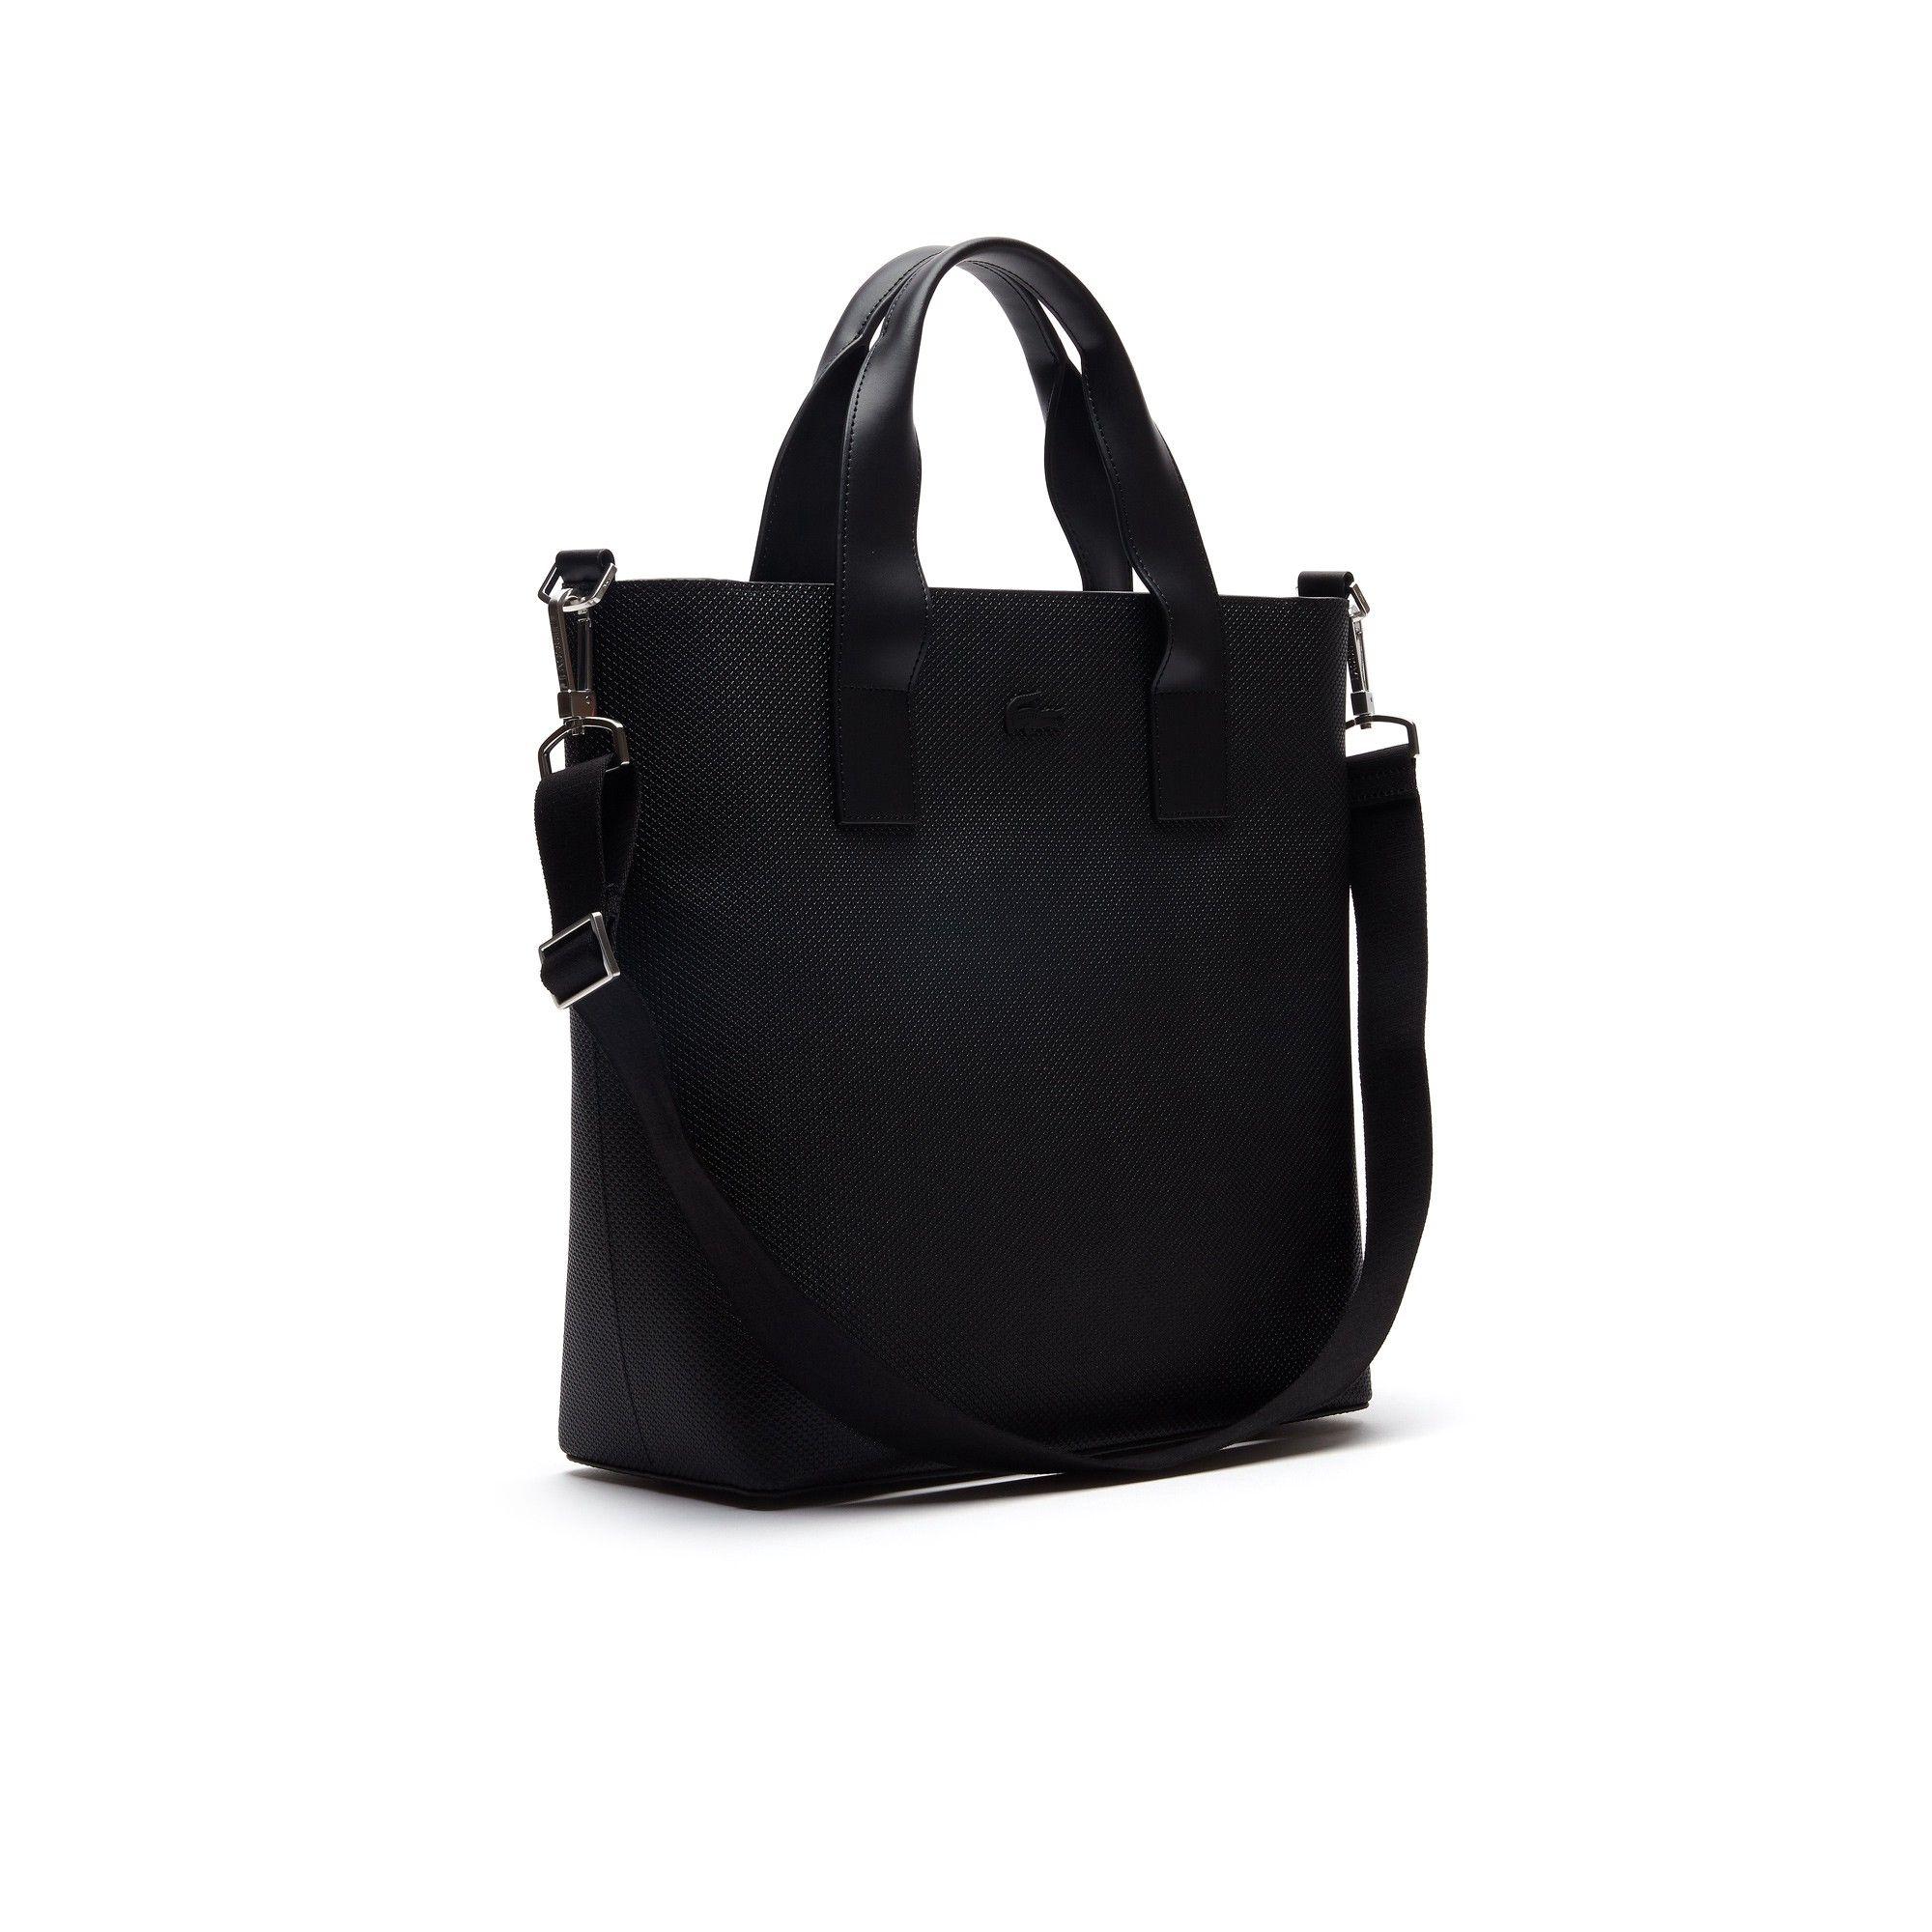 best service 93565 390b7 Lacoste Men s Chantaco Piqué Leather Vertical Tote Bag - Black